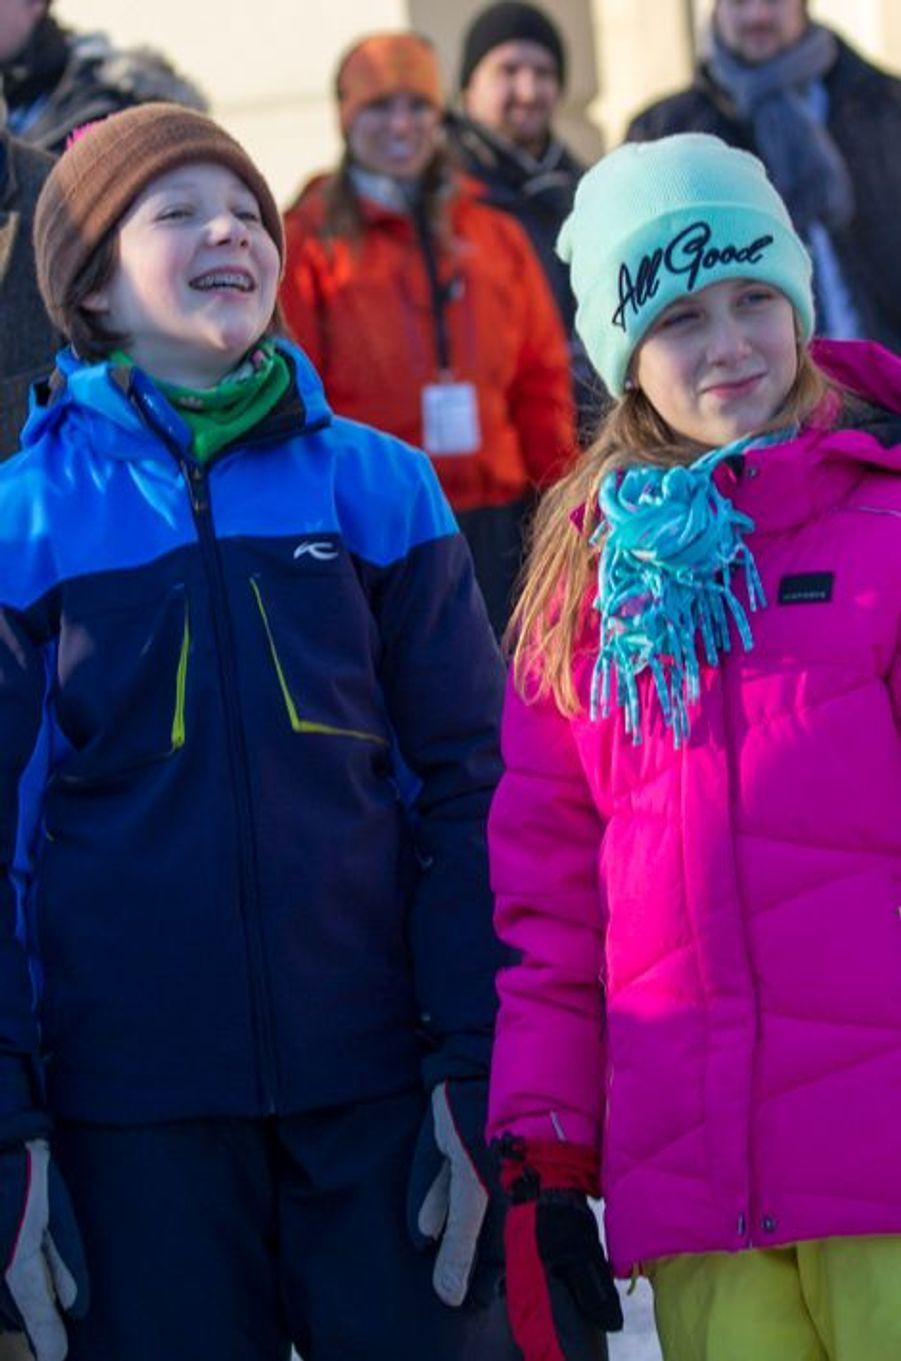 Maud Angelica et Leah Isadora Behn, les filles aînées de la princesse Martha Louise de Norvège à Oslo, le 17 janvier 2016